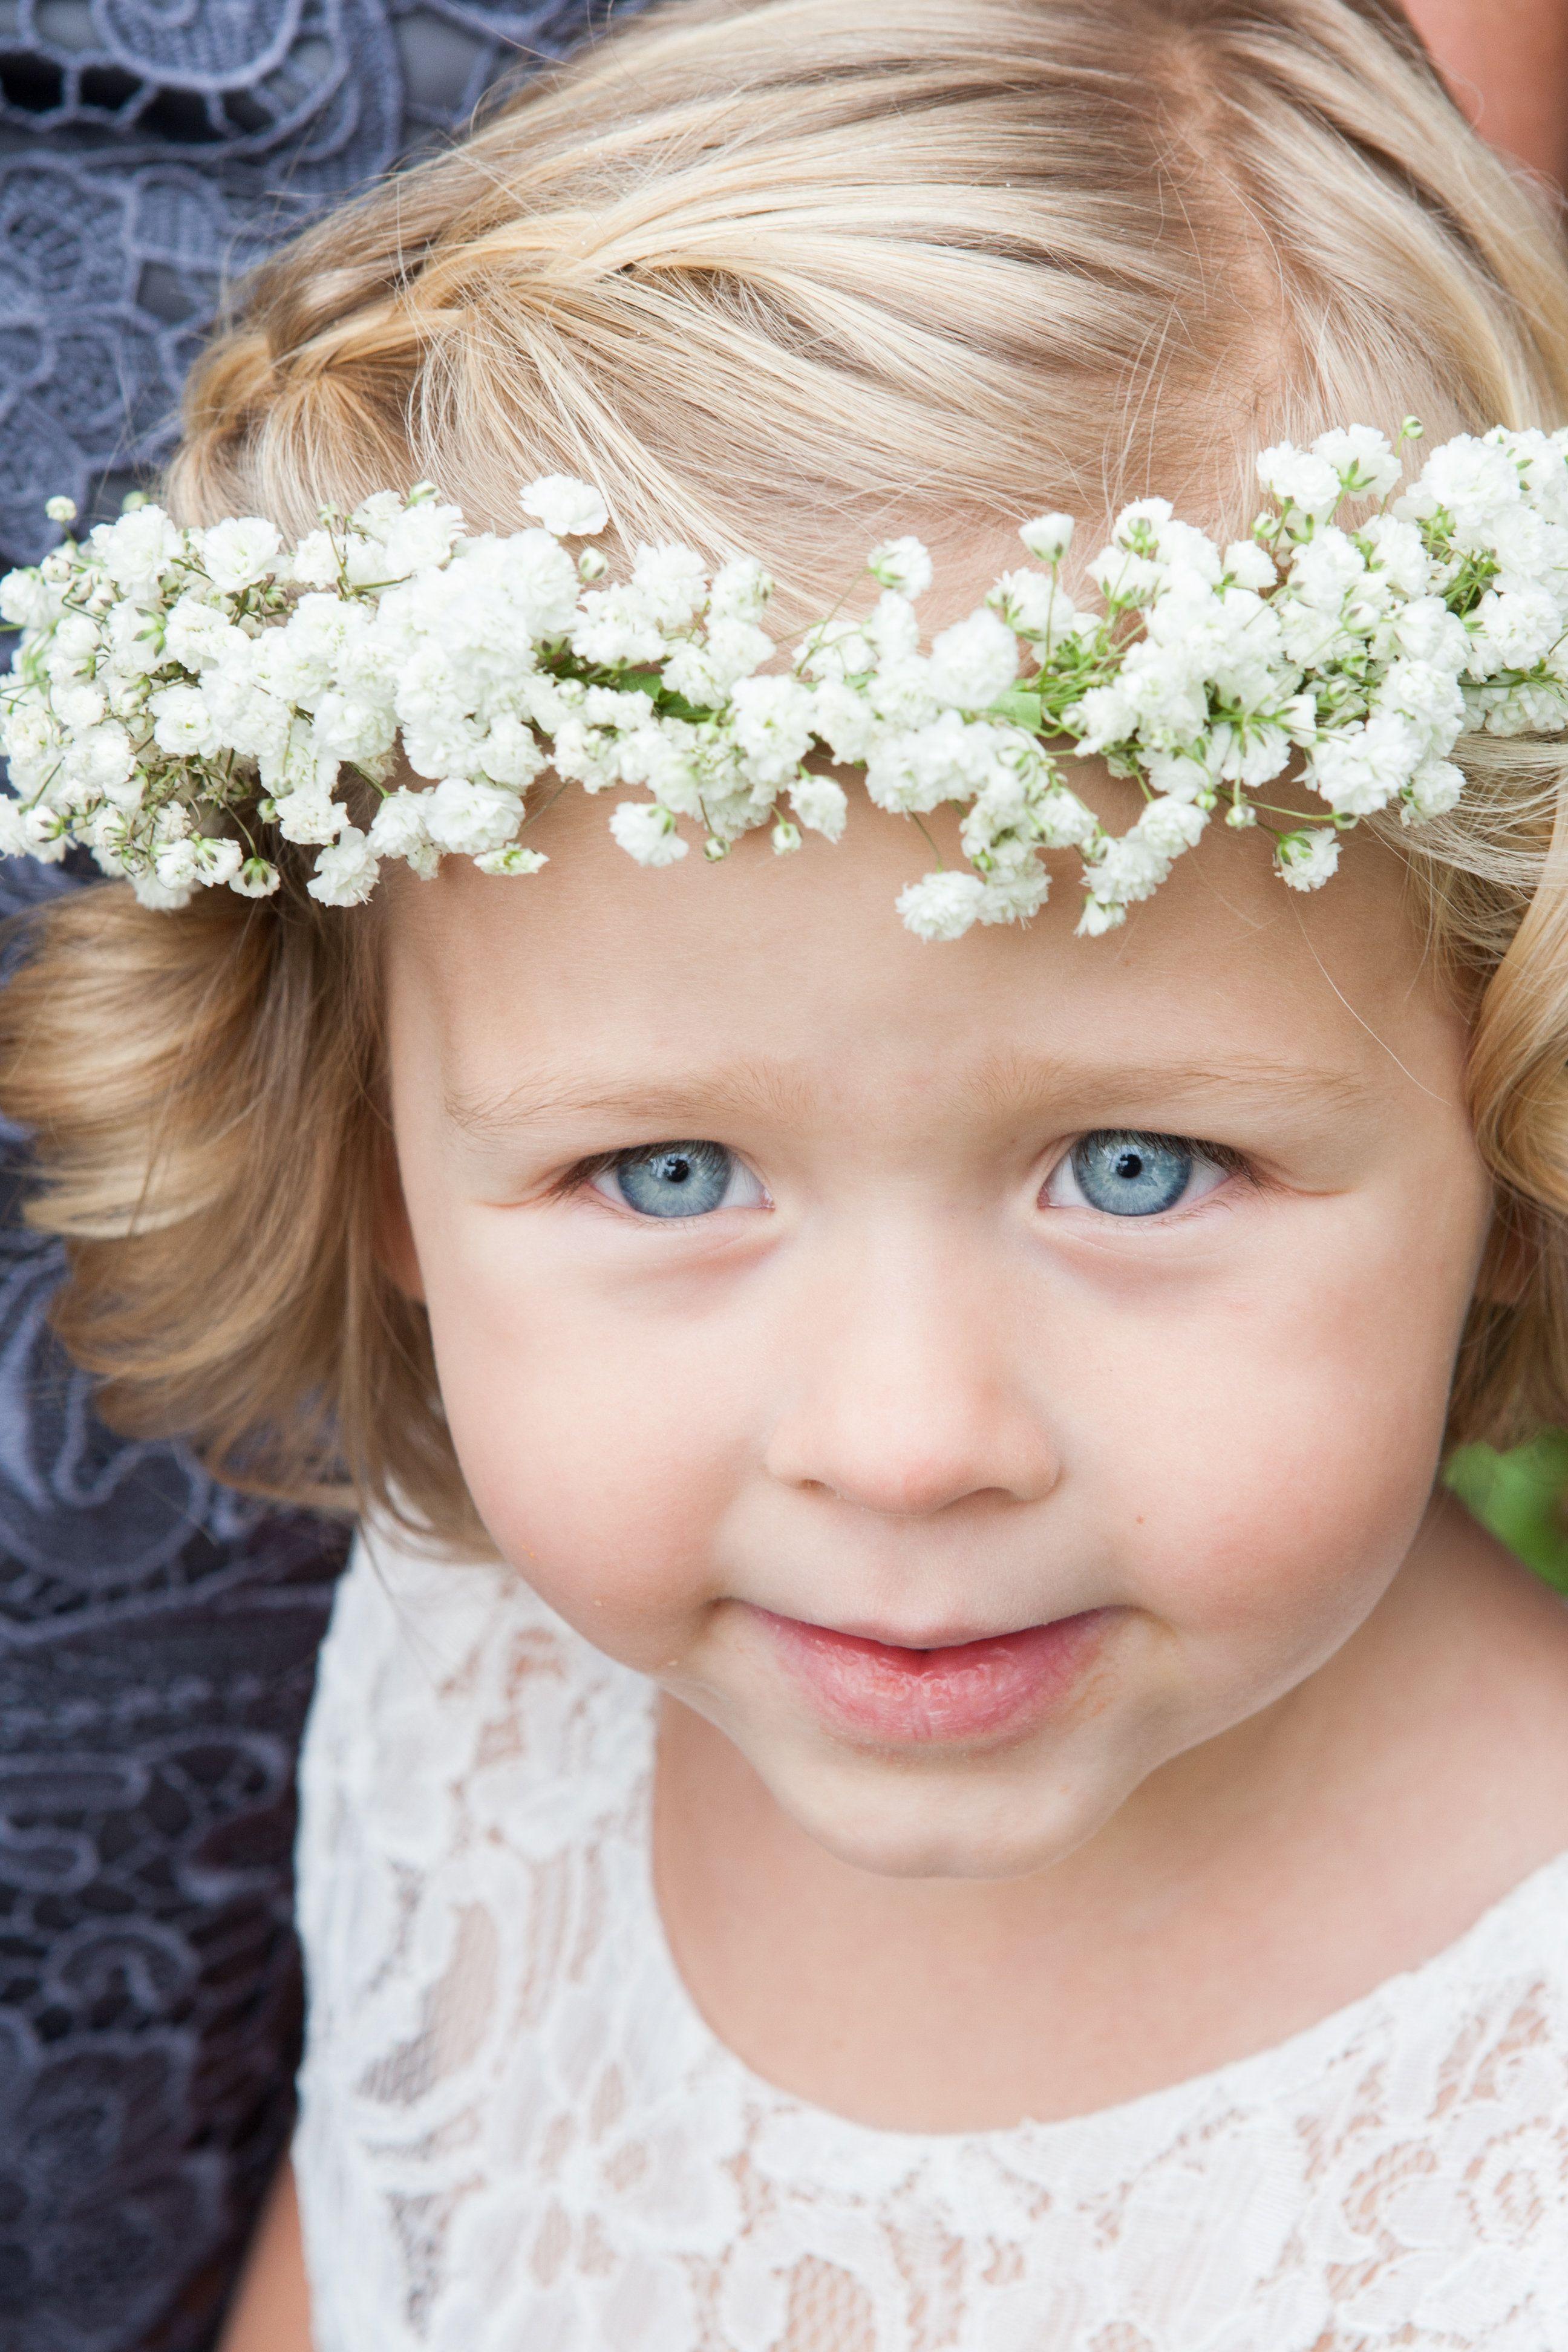 Best ideas about Baby'S Breath Flower Crown . Save or Pin Baby s Breath Flower Girl Crown Now.